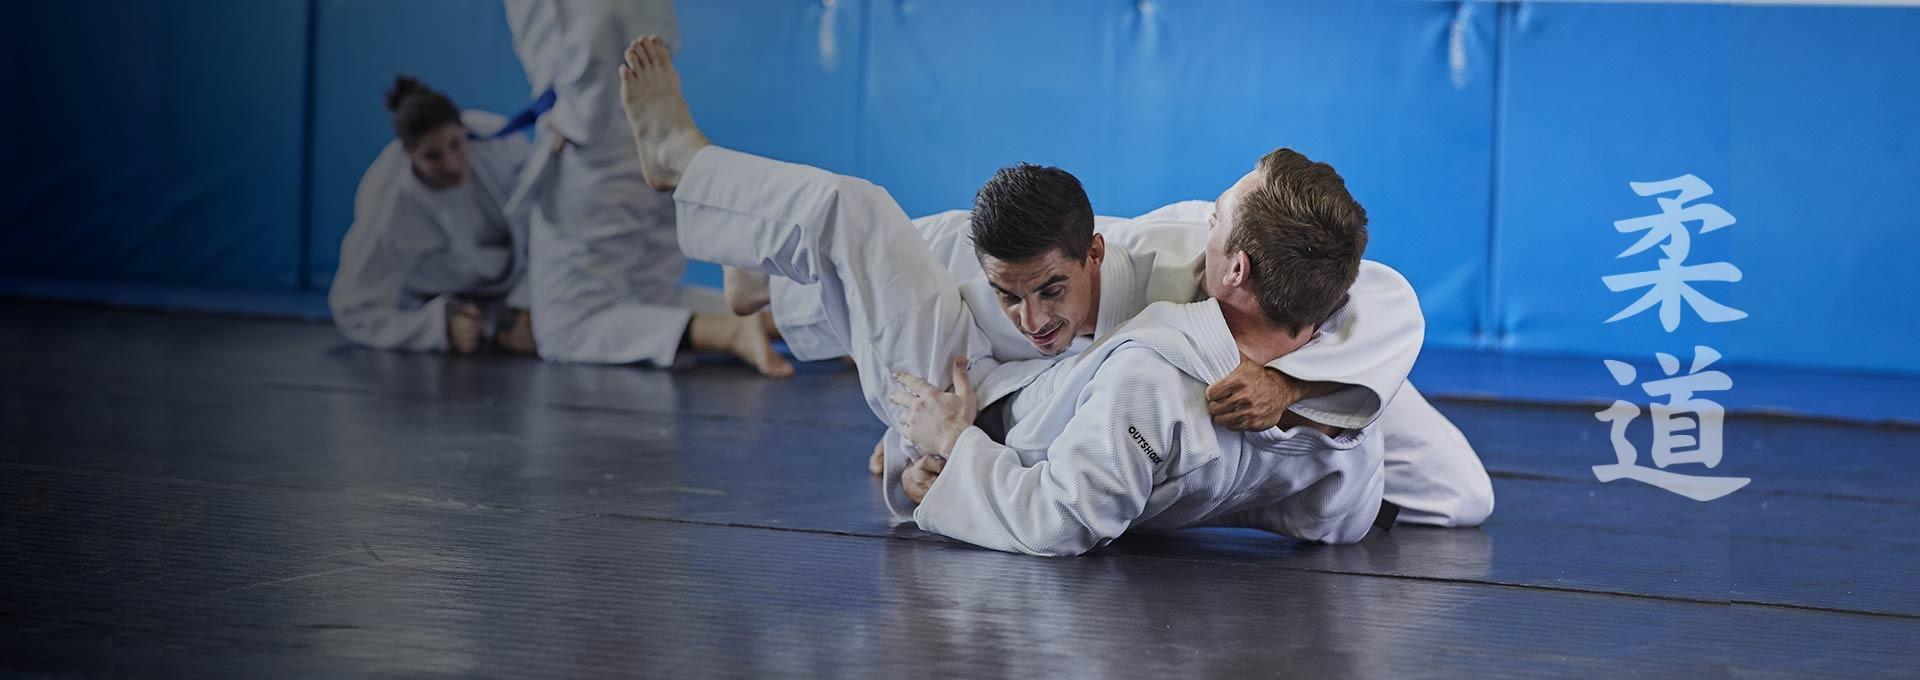 Rentrée sportive Judo